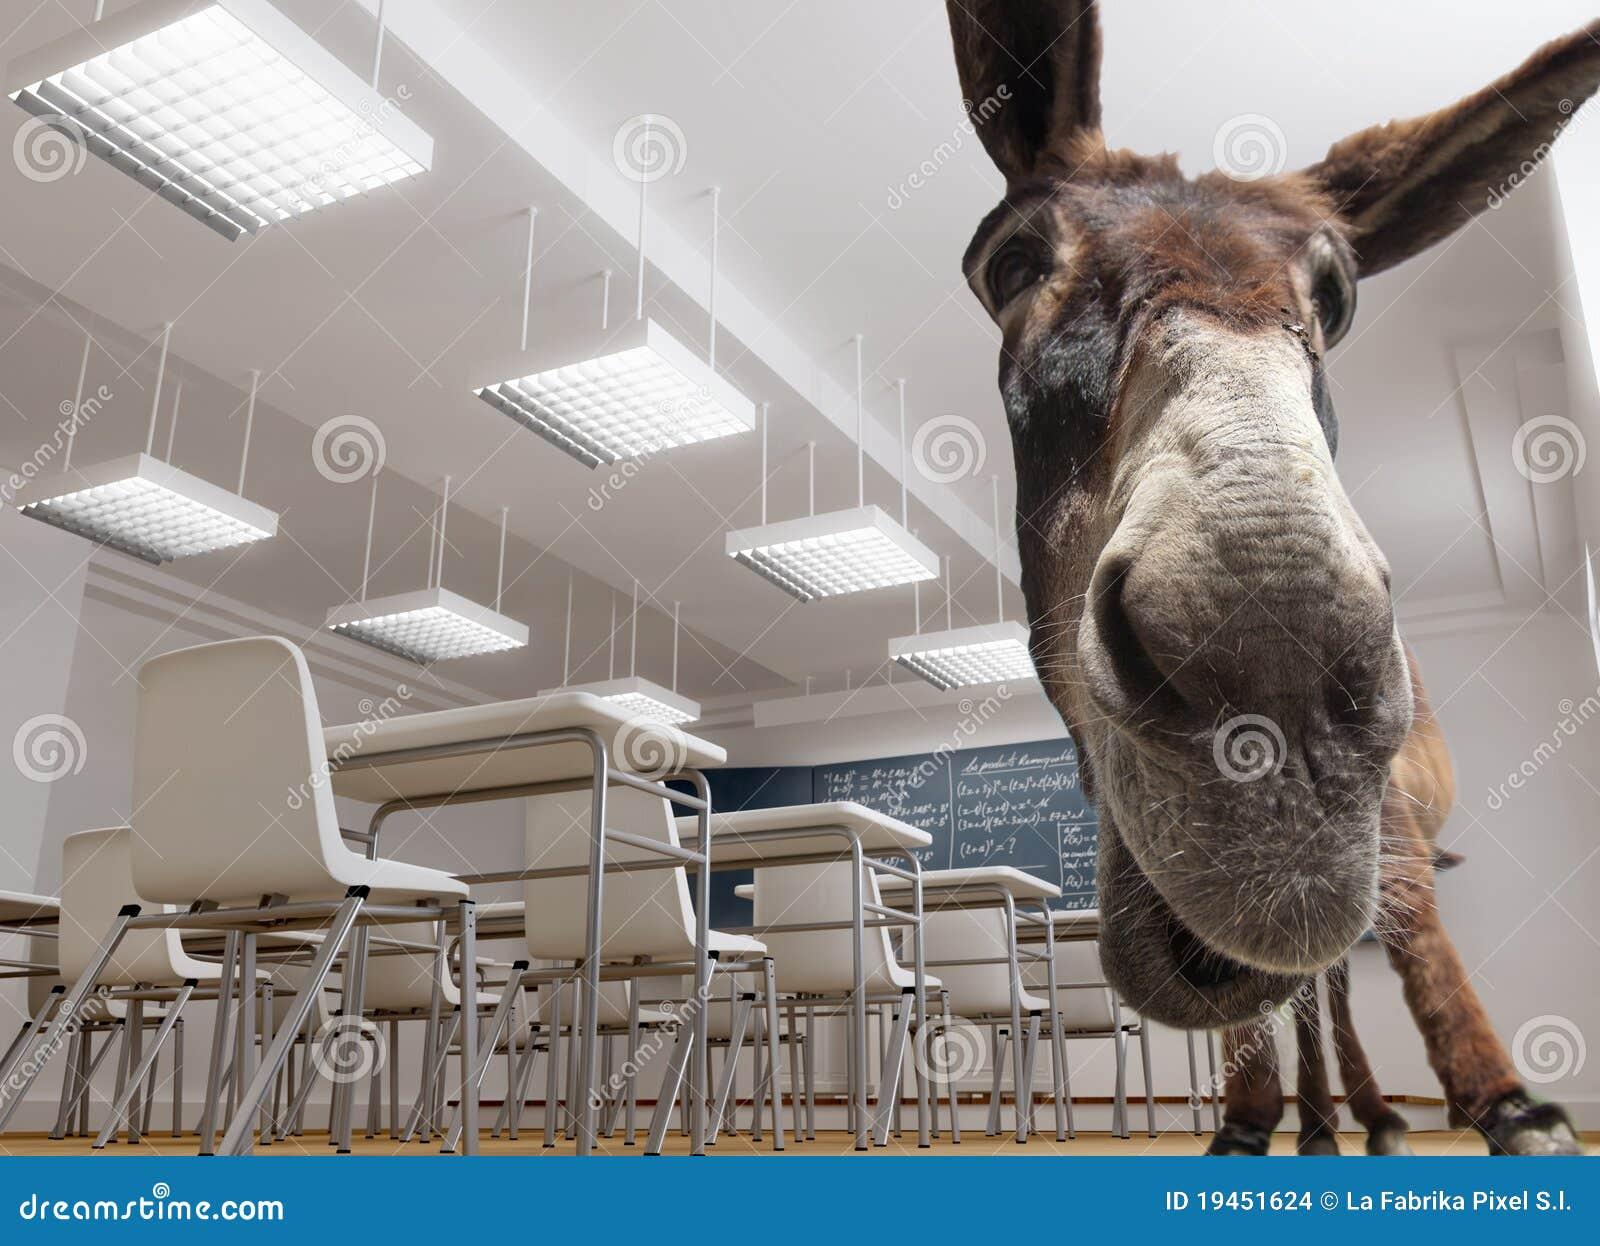 Classroom donkey